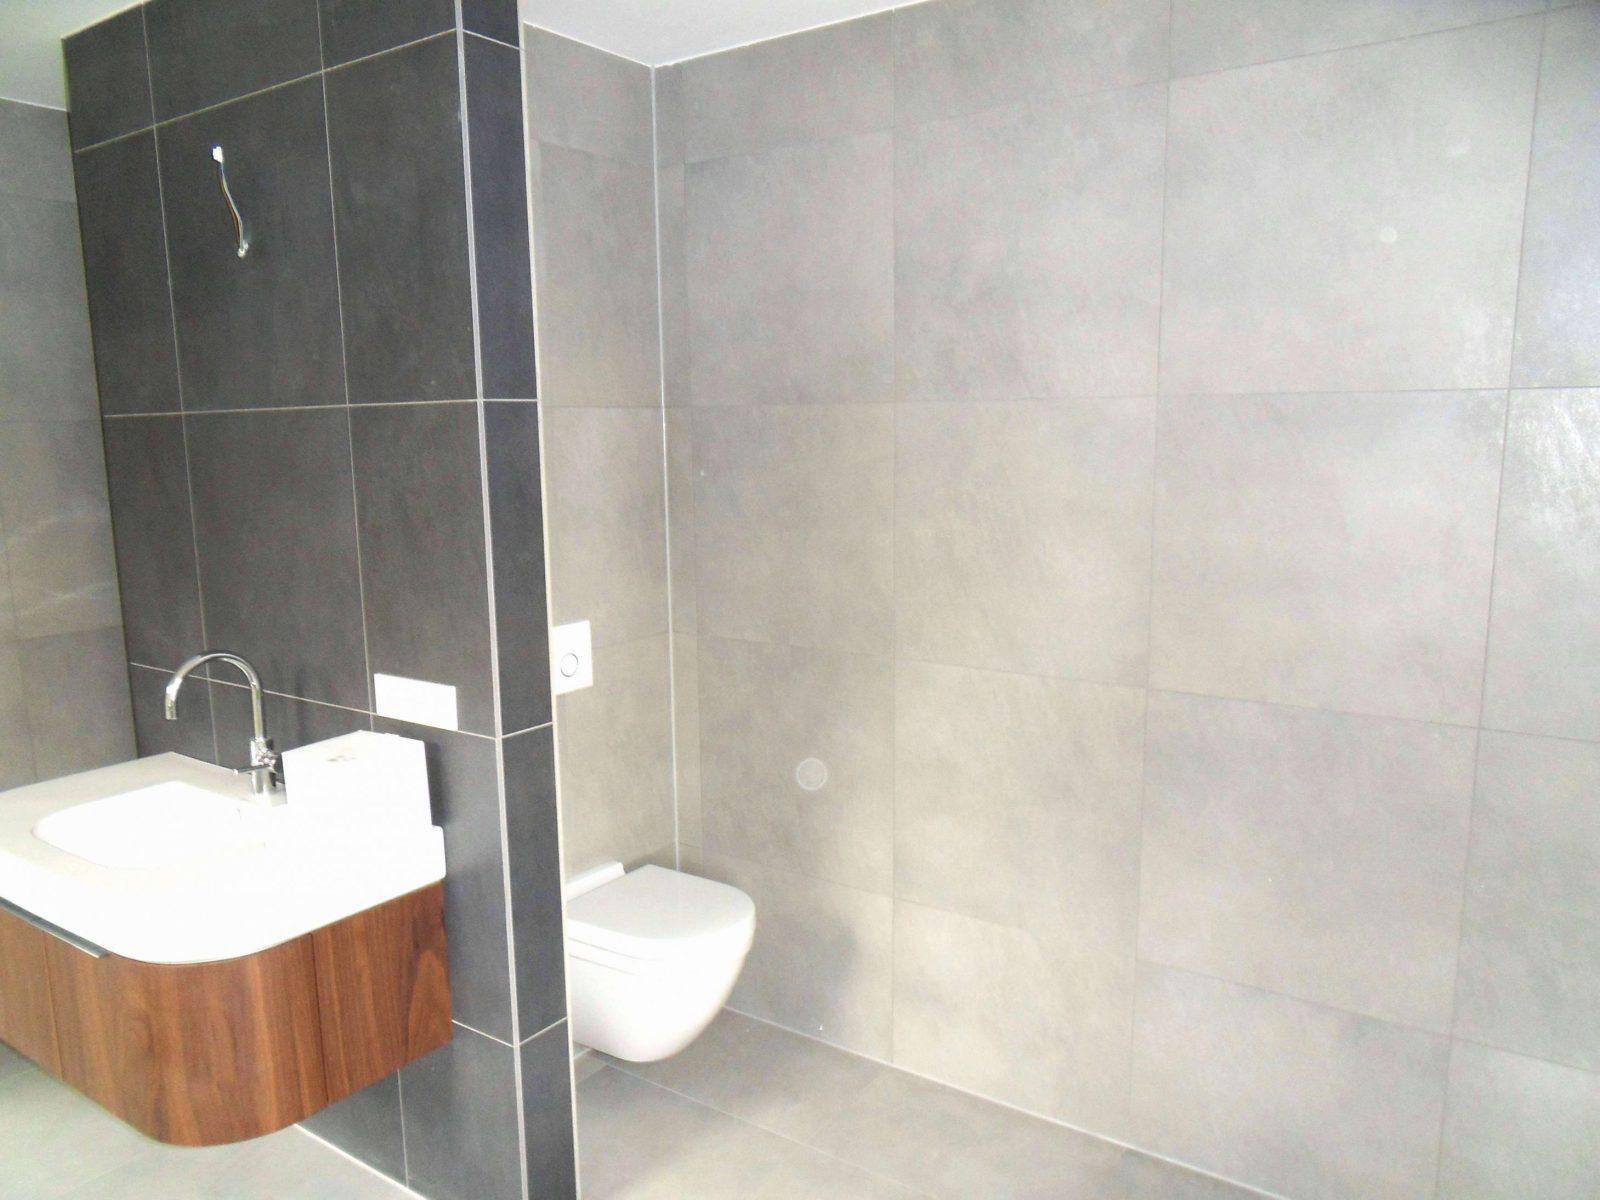 Spiegel Dekorieren Selber Machen Das Beste Von Fliesen Badezimmer von Badezimmer Deko Selber Machen Photo